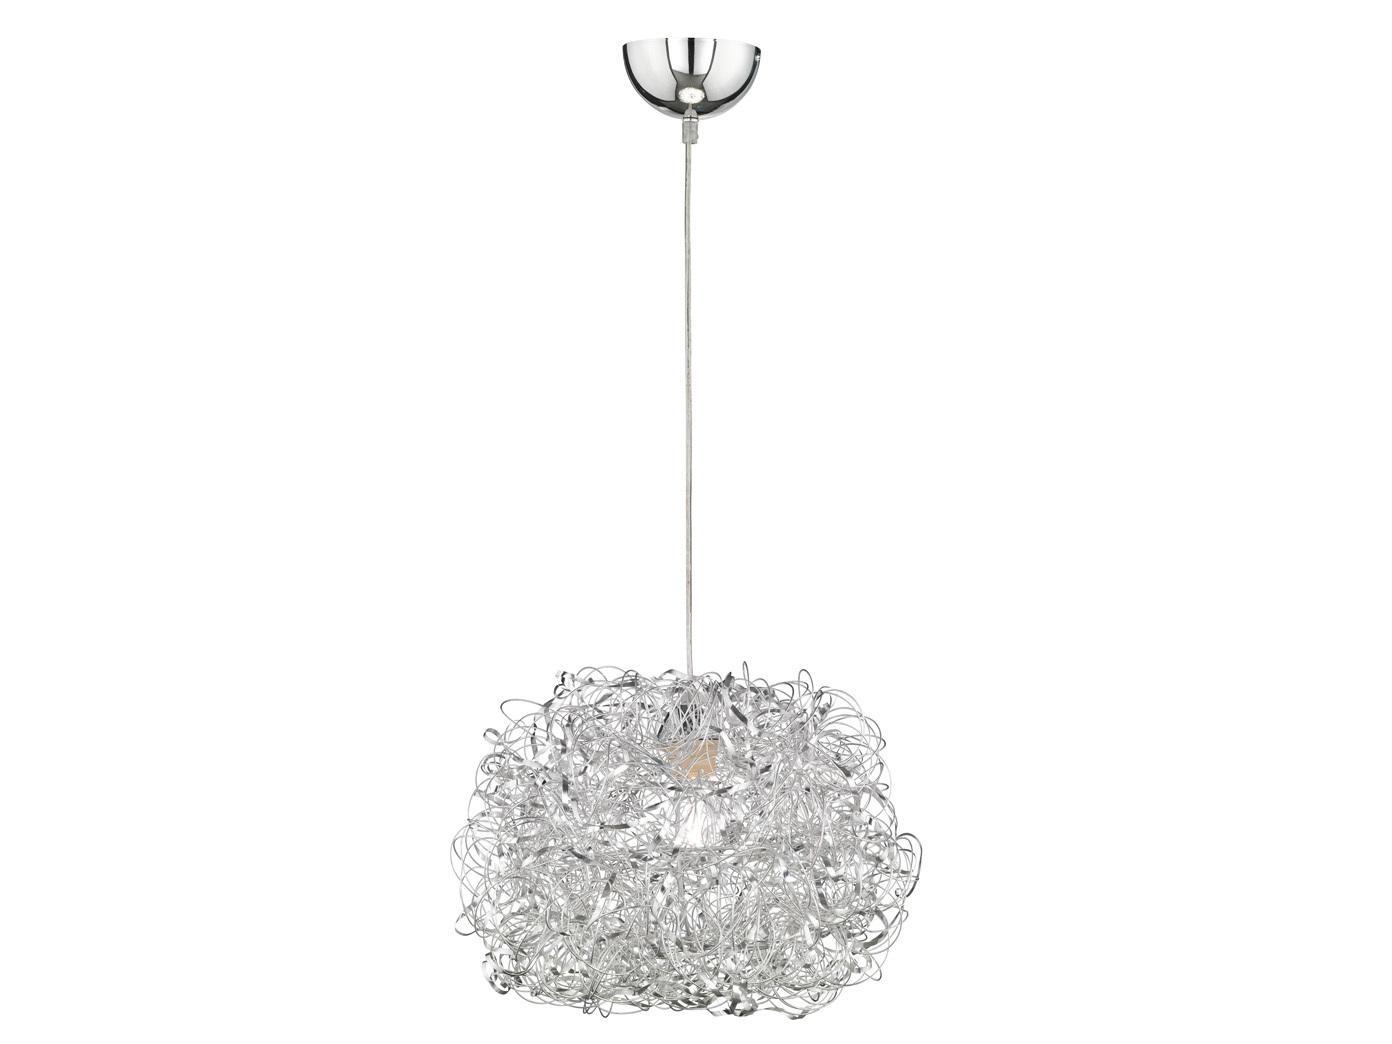 Lampe Esstisch Wohnzimmer